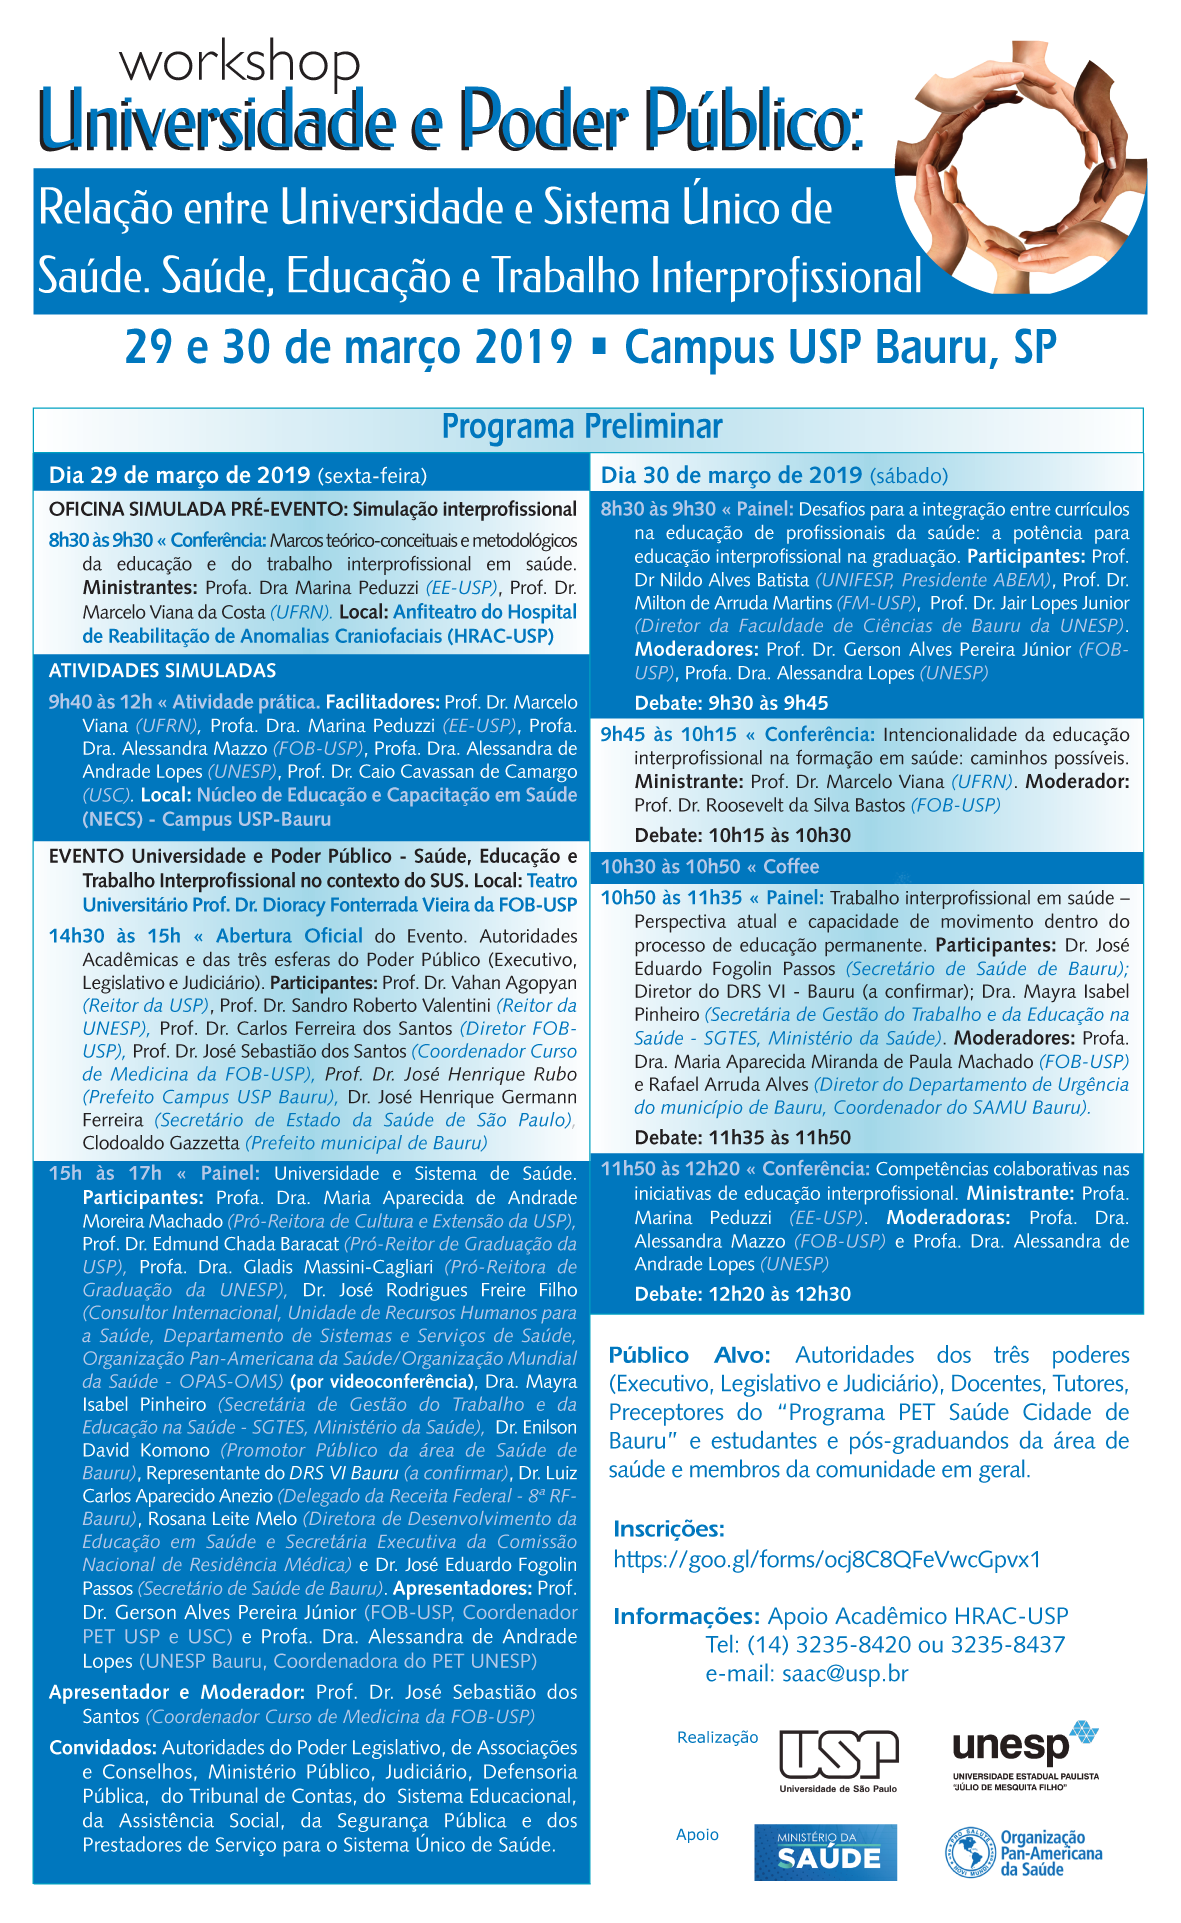 """programação preliminar - workshop Universidade e Poder Público: """"Relação entre Universidade e Sistema Único de Saúde. Saúde, Educação e Trabalho Interprofissional"""""""